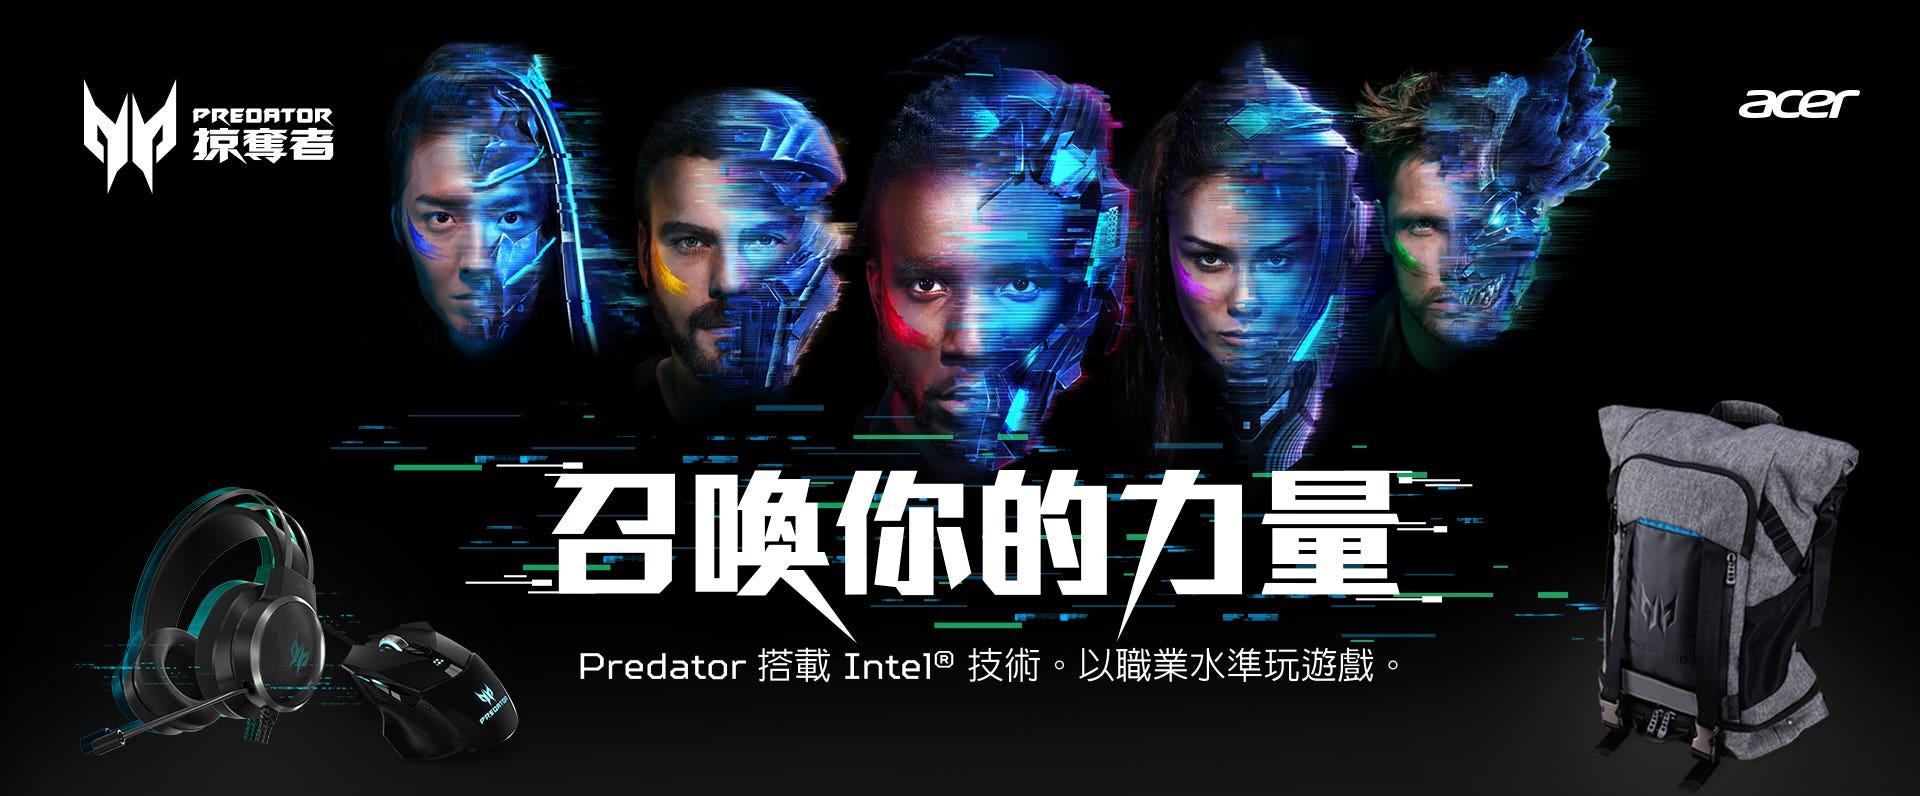 Predator 掠奪者周邊